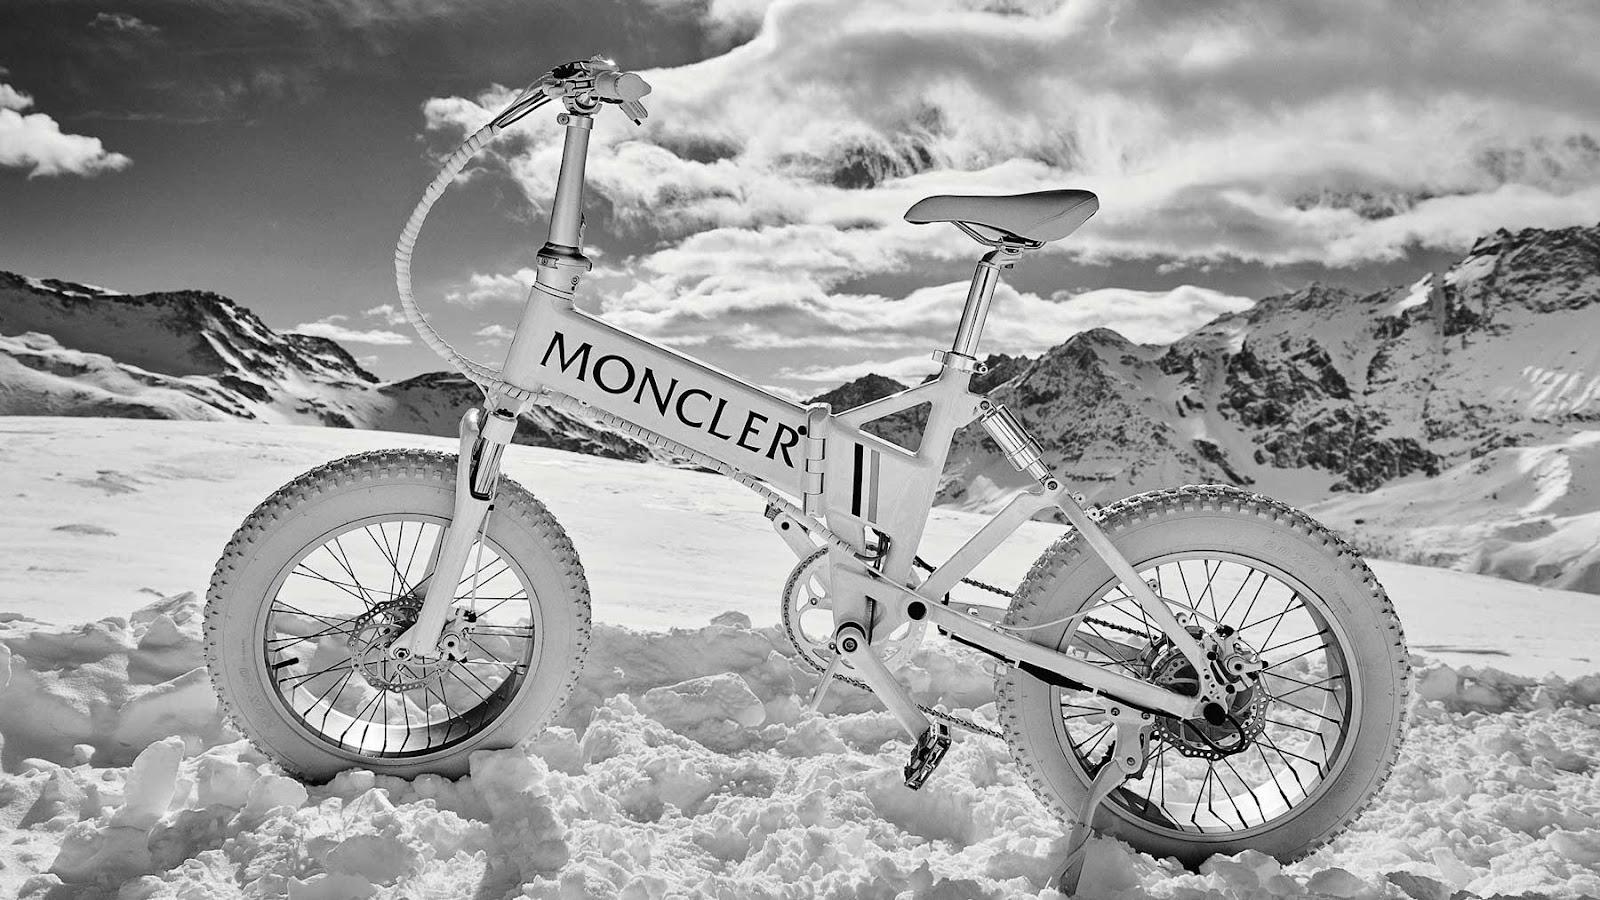 Ein Bild, das draußen, Transport, Fahrrad, sandig enthält.  Automatisch generierte Beschreibung